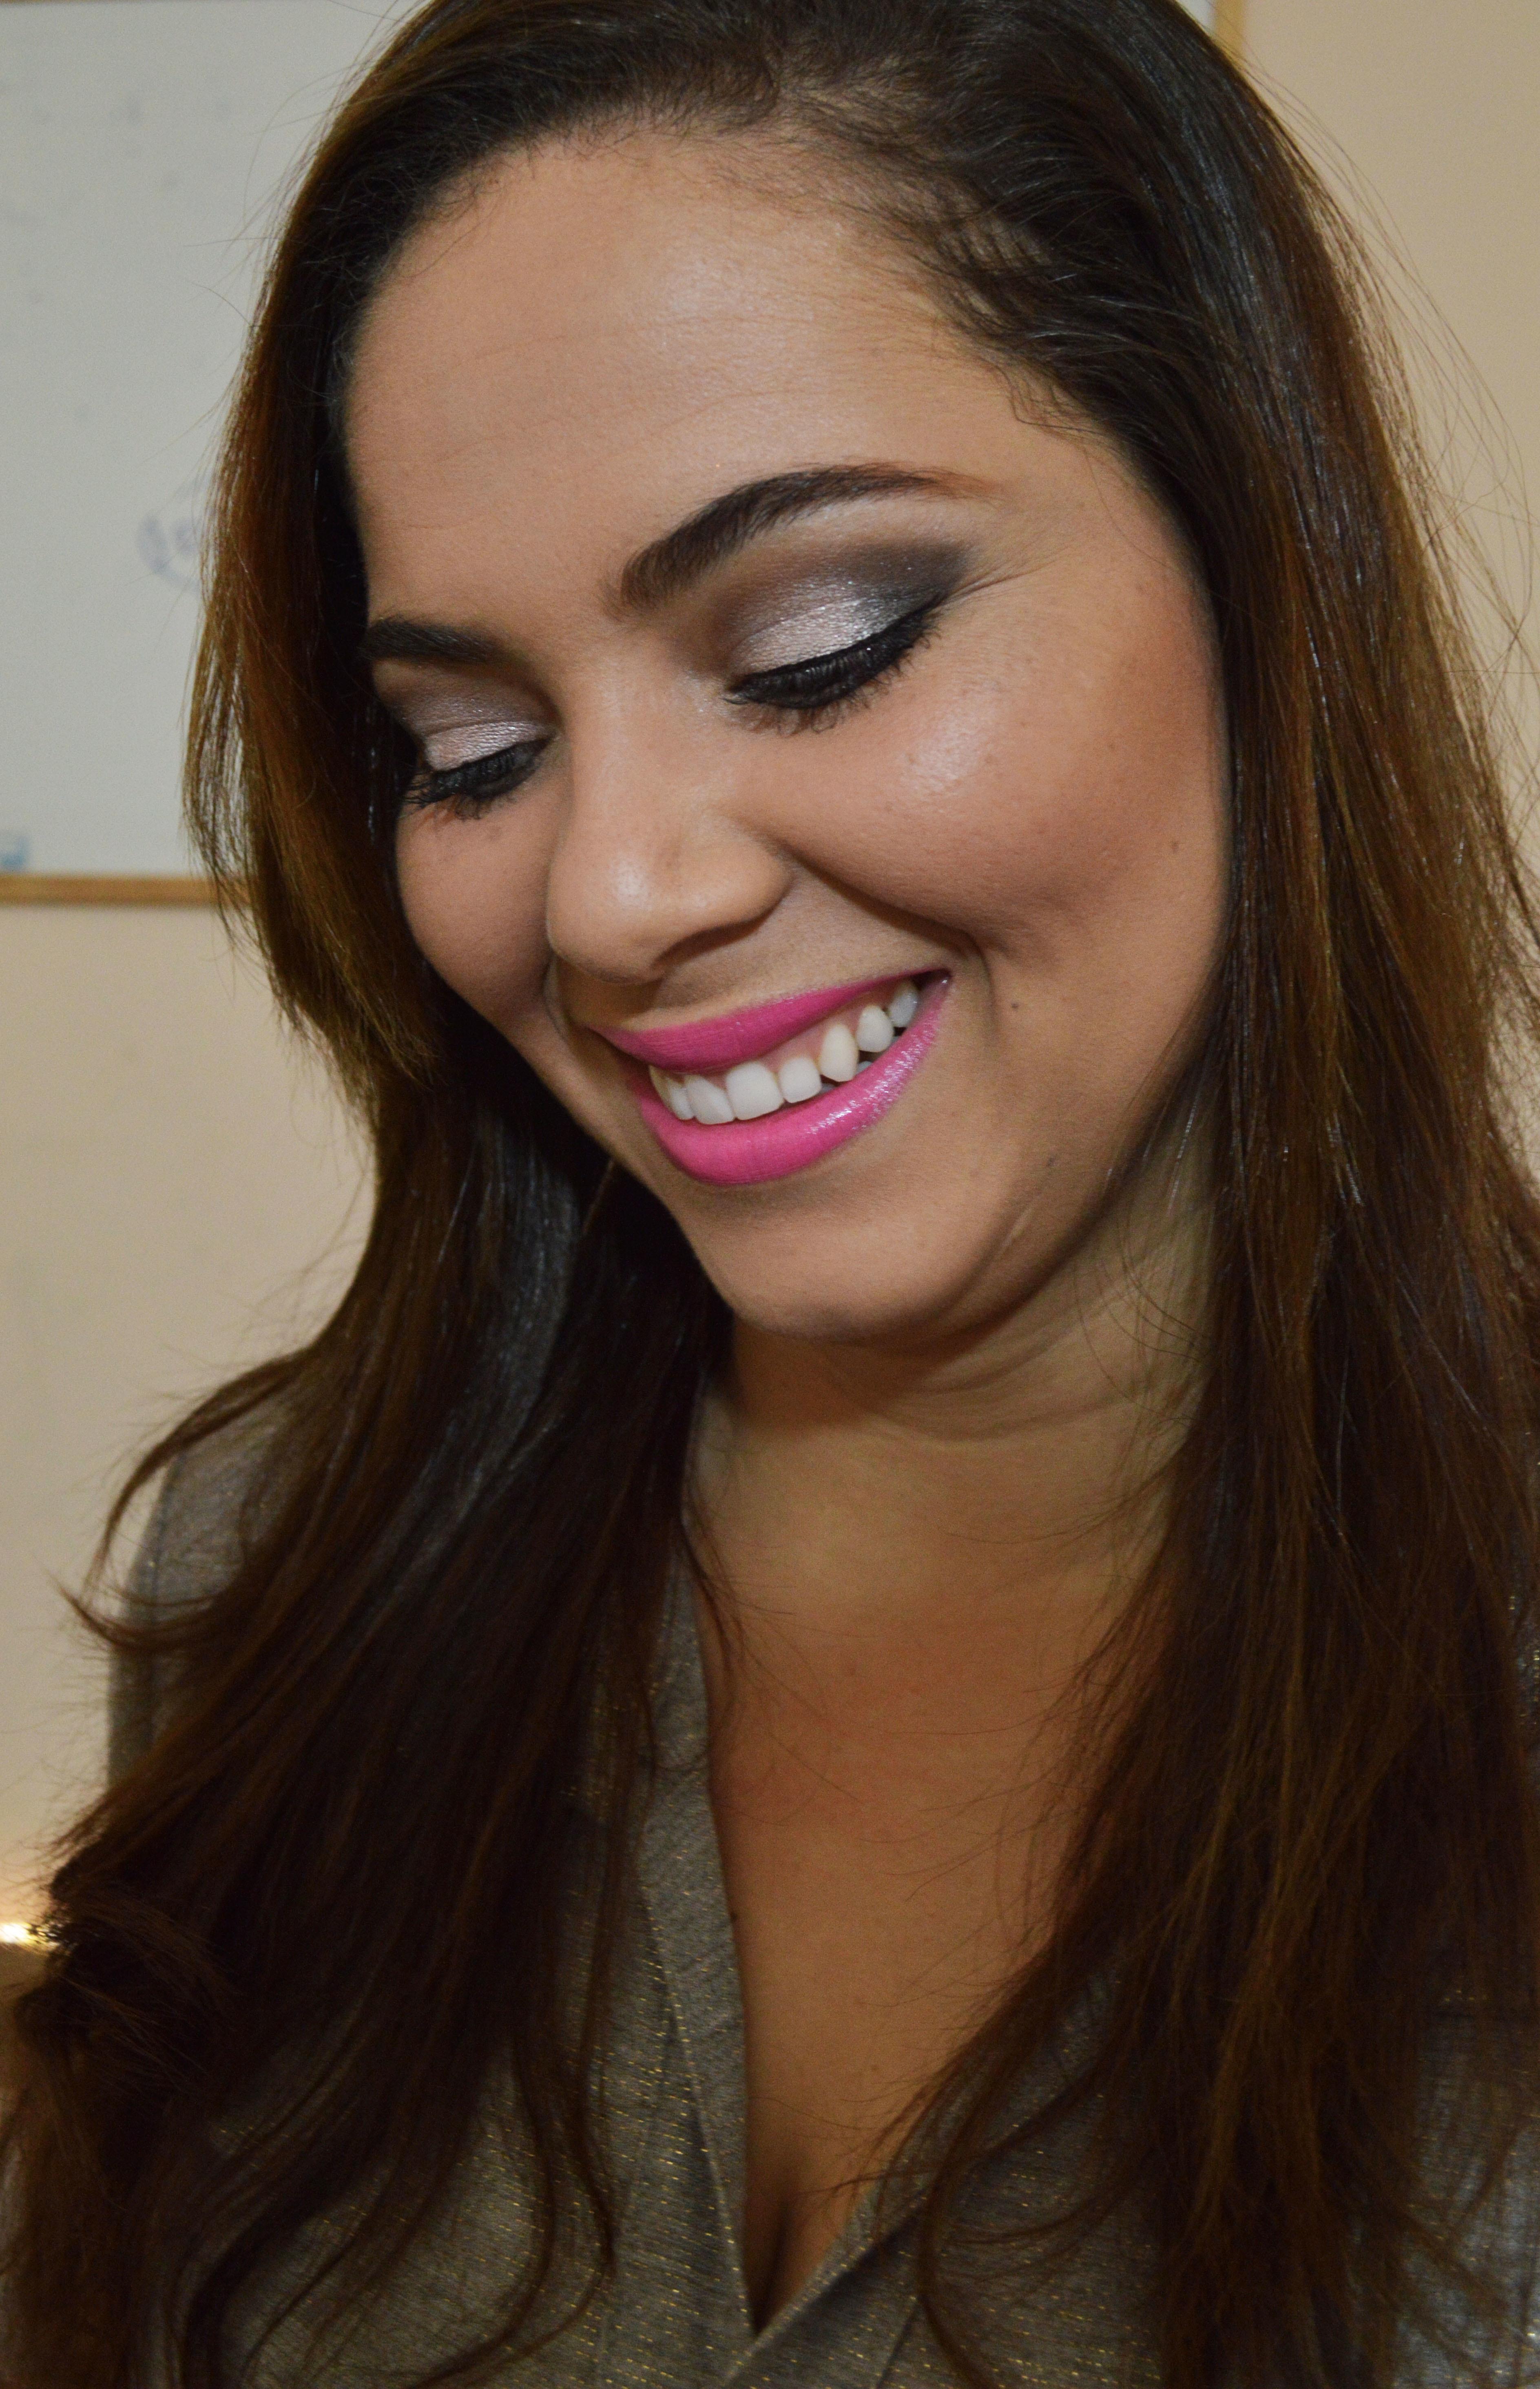 Concurso. Participei de um concurso nacional para maquiadores da Racco, fiquei em 6º lugar. maquiador(a) docente / professor(a) designer de sobrancelhas manicure e pedicure esteticista